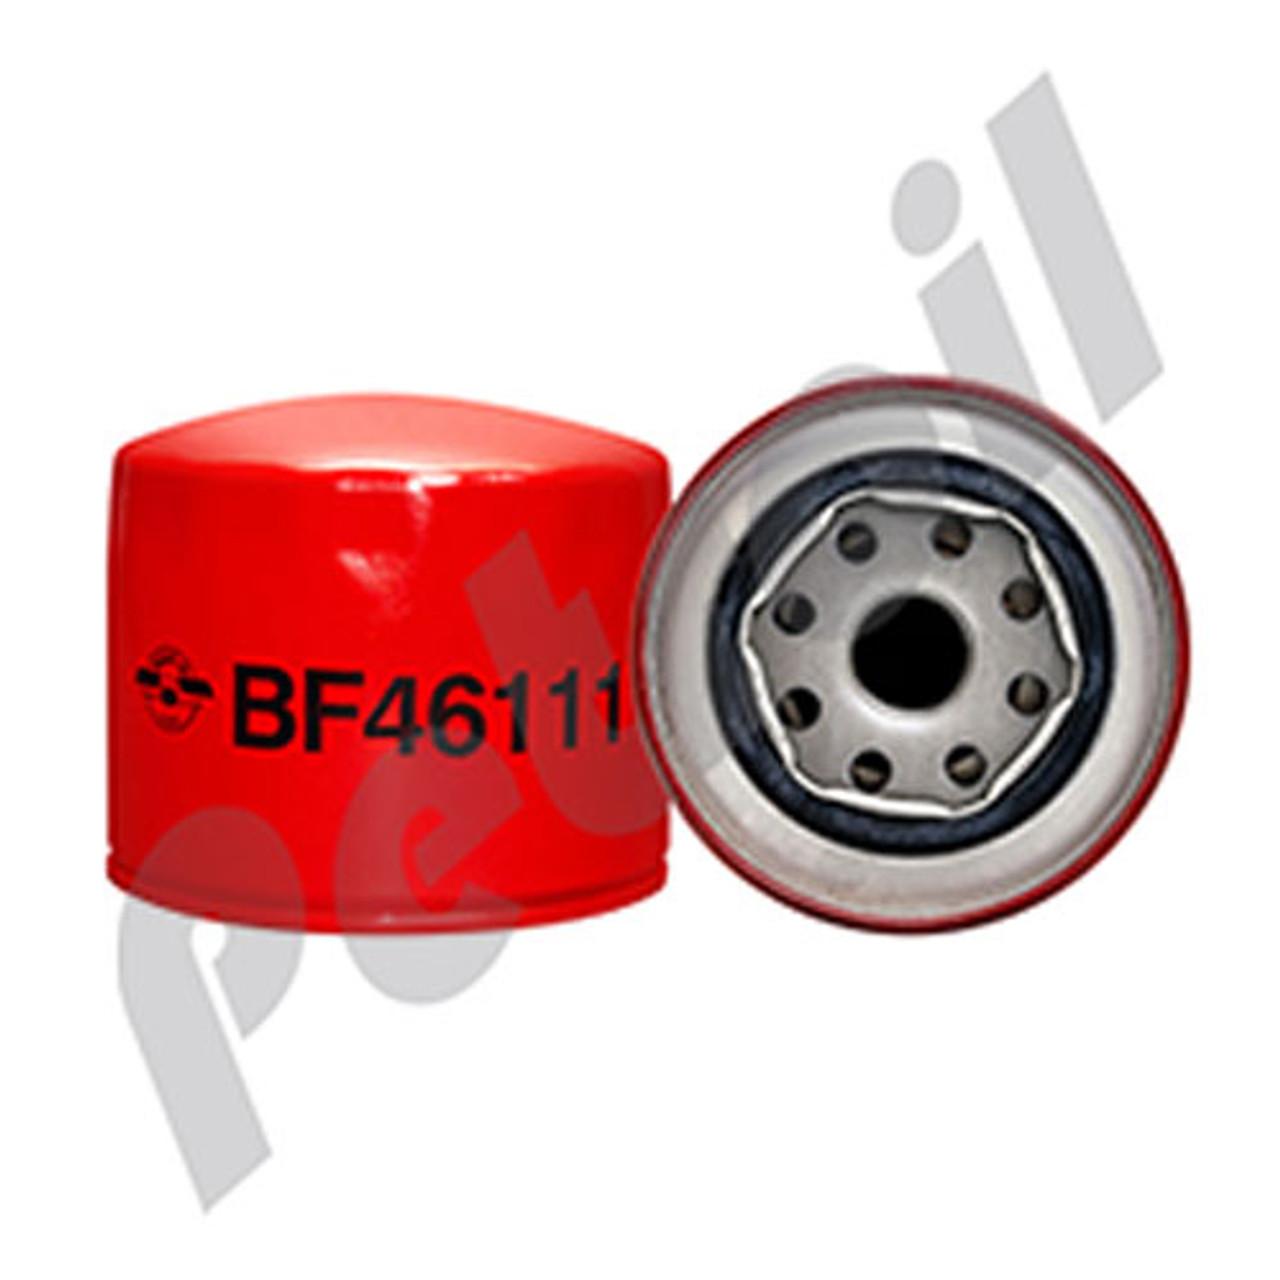 BF46111 Baldwin HD FUEL SPIN-ON (DIESEL) Ingersoll-Rand 22226369